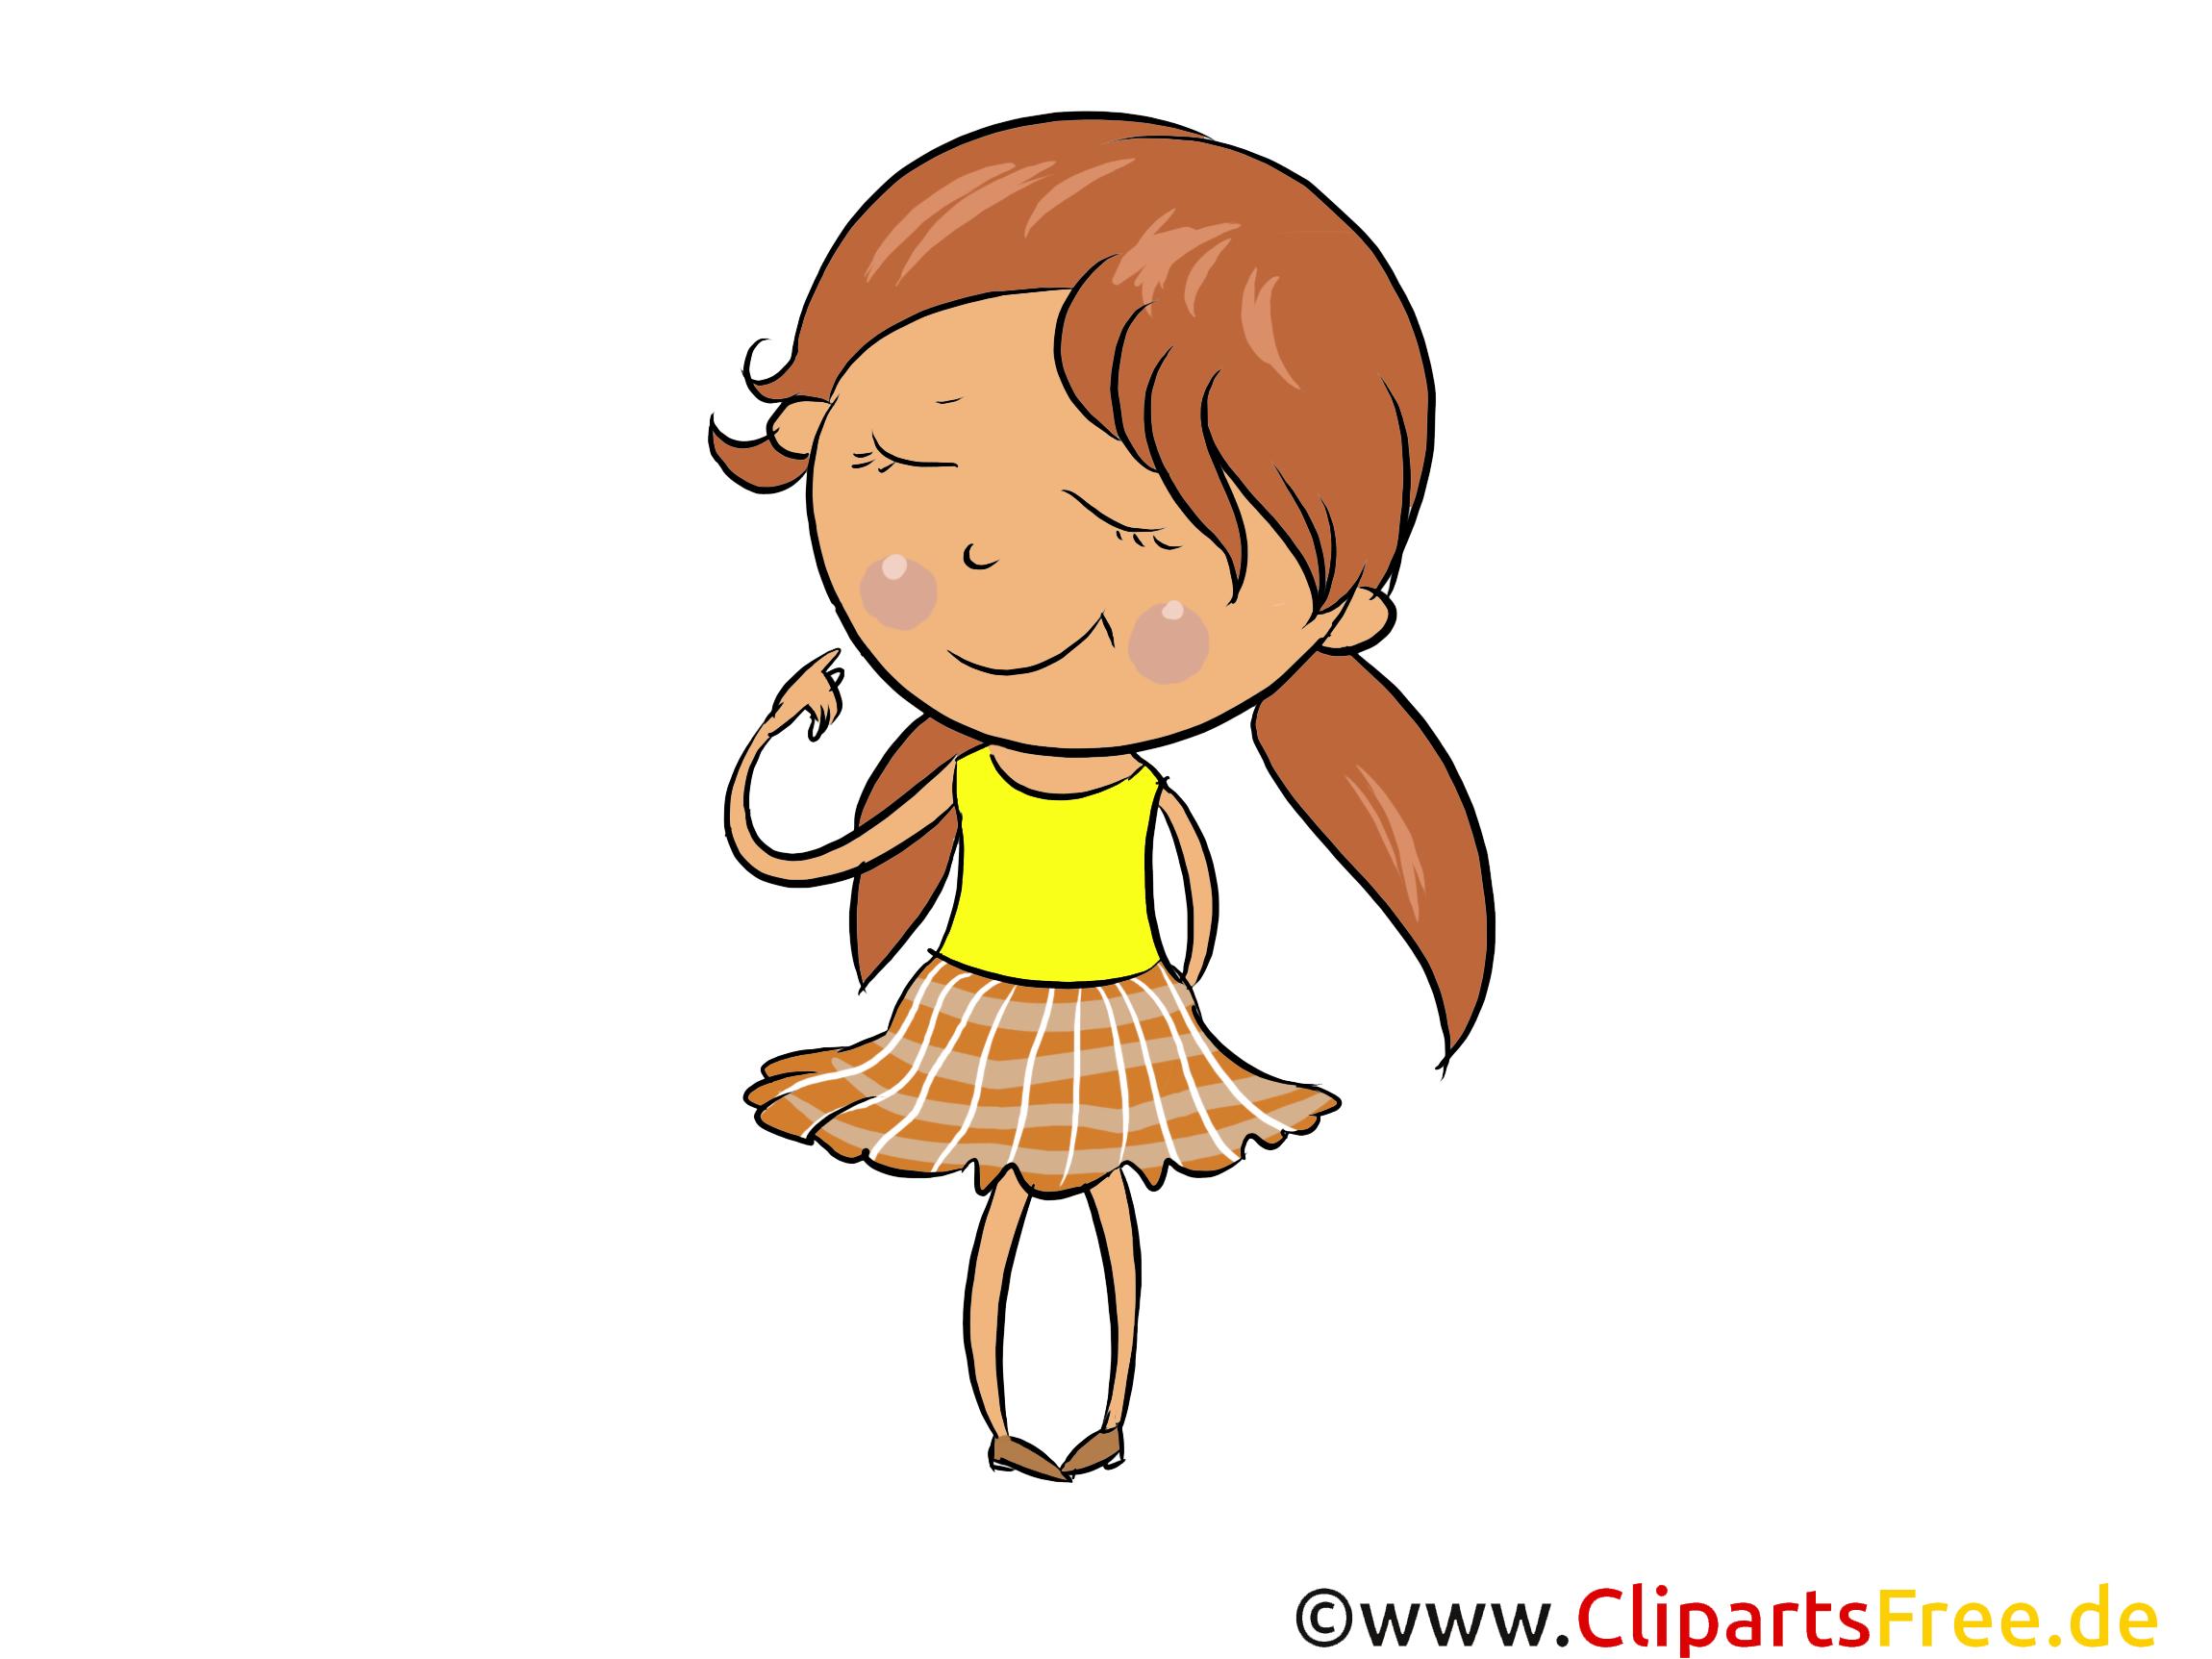 Kleines Mädchen Bild, Illustration gratis